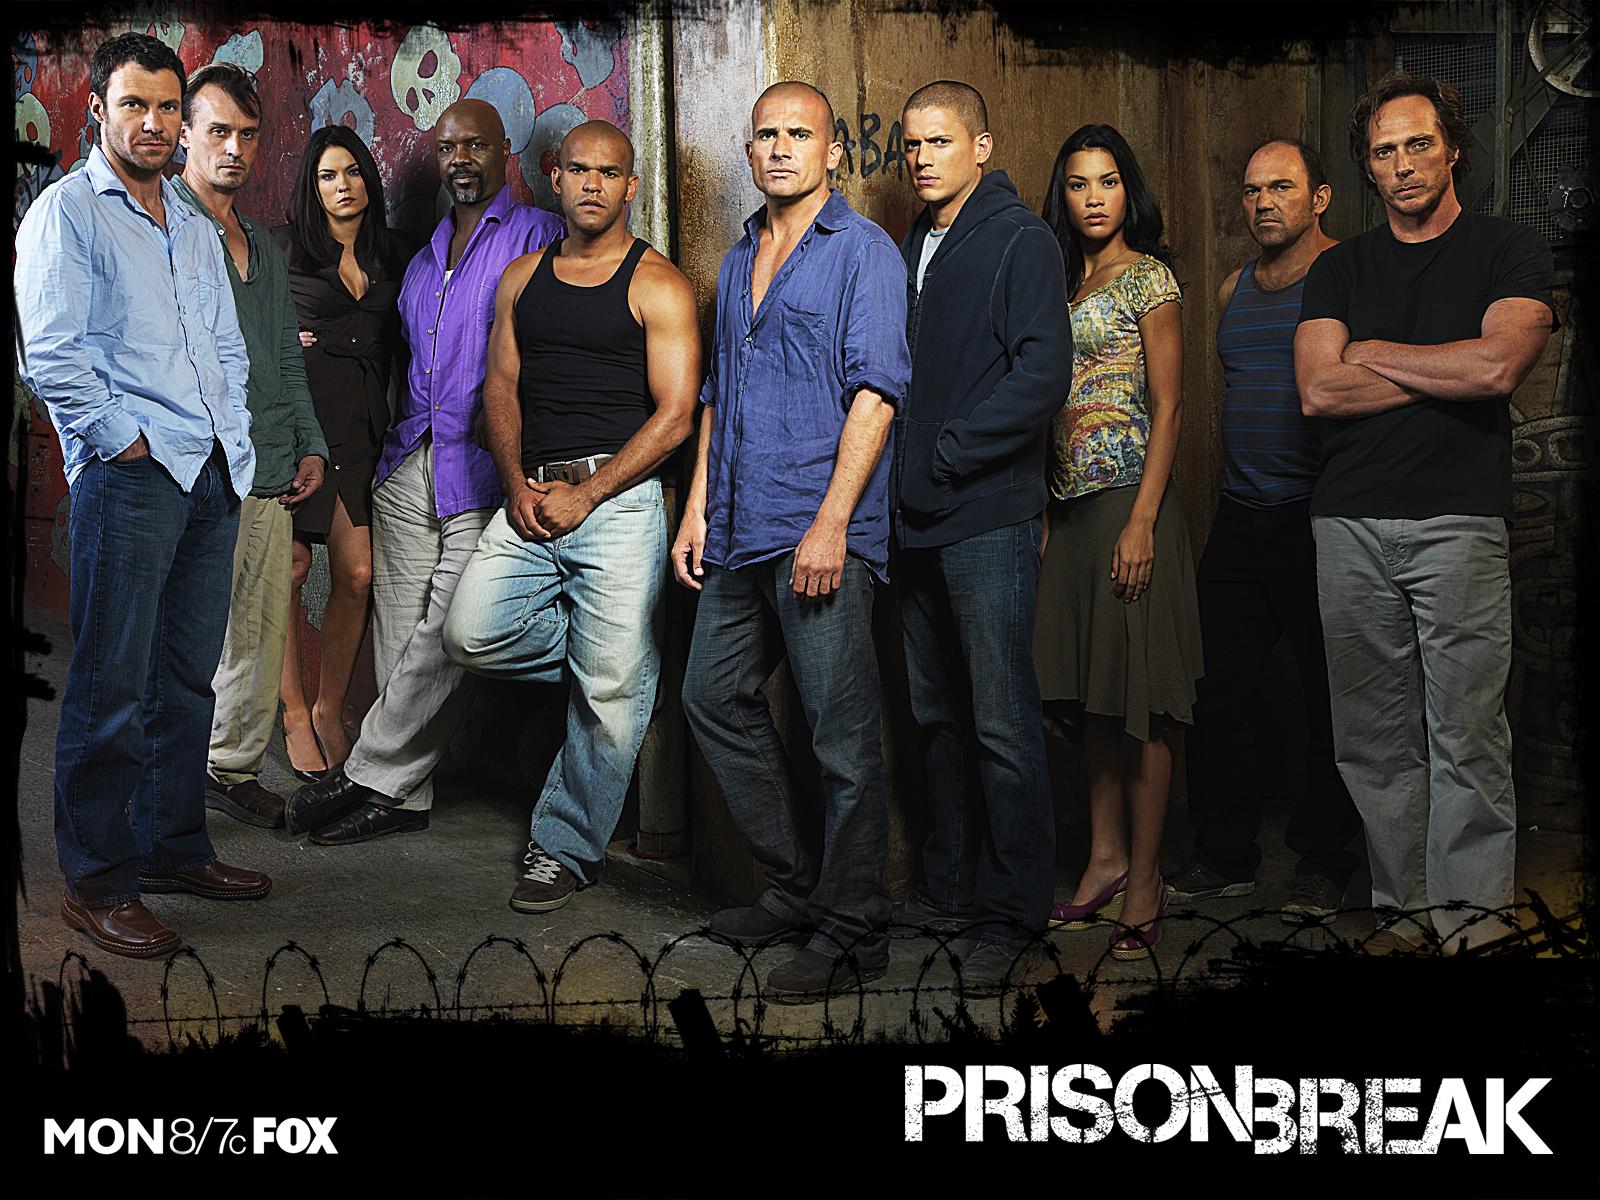 Prison Break Wallpapers 1600x1200